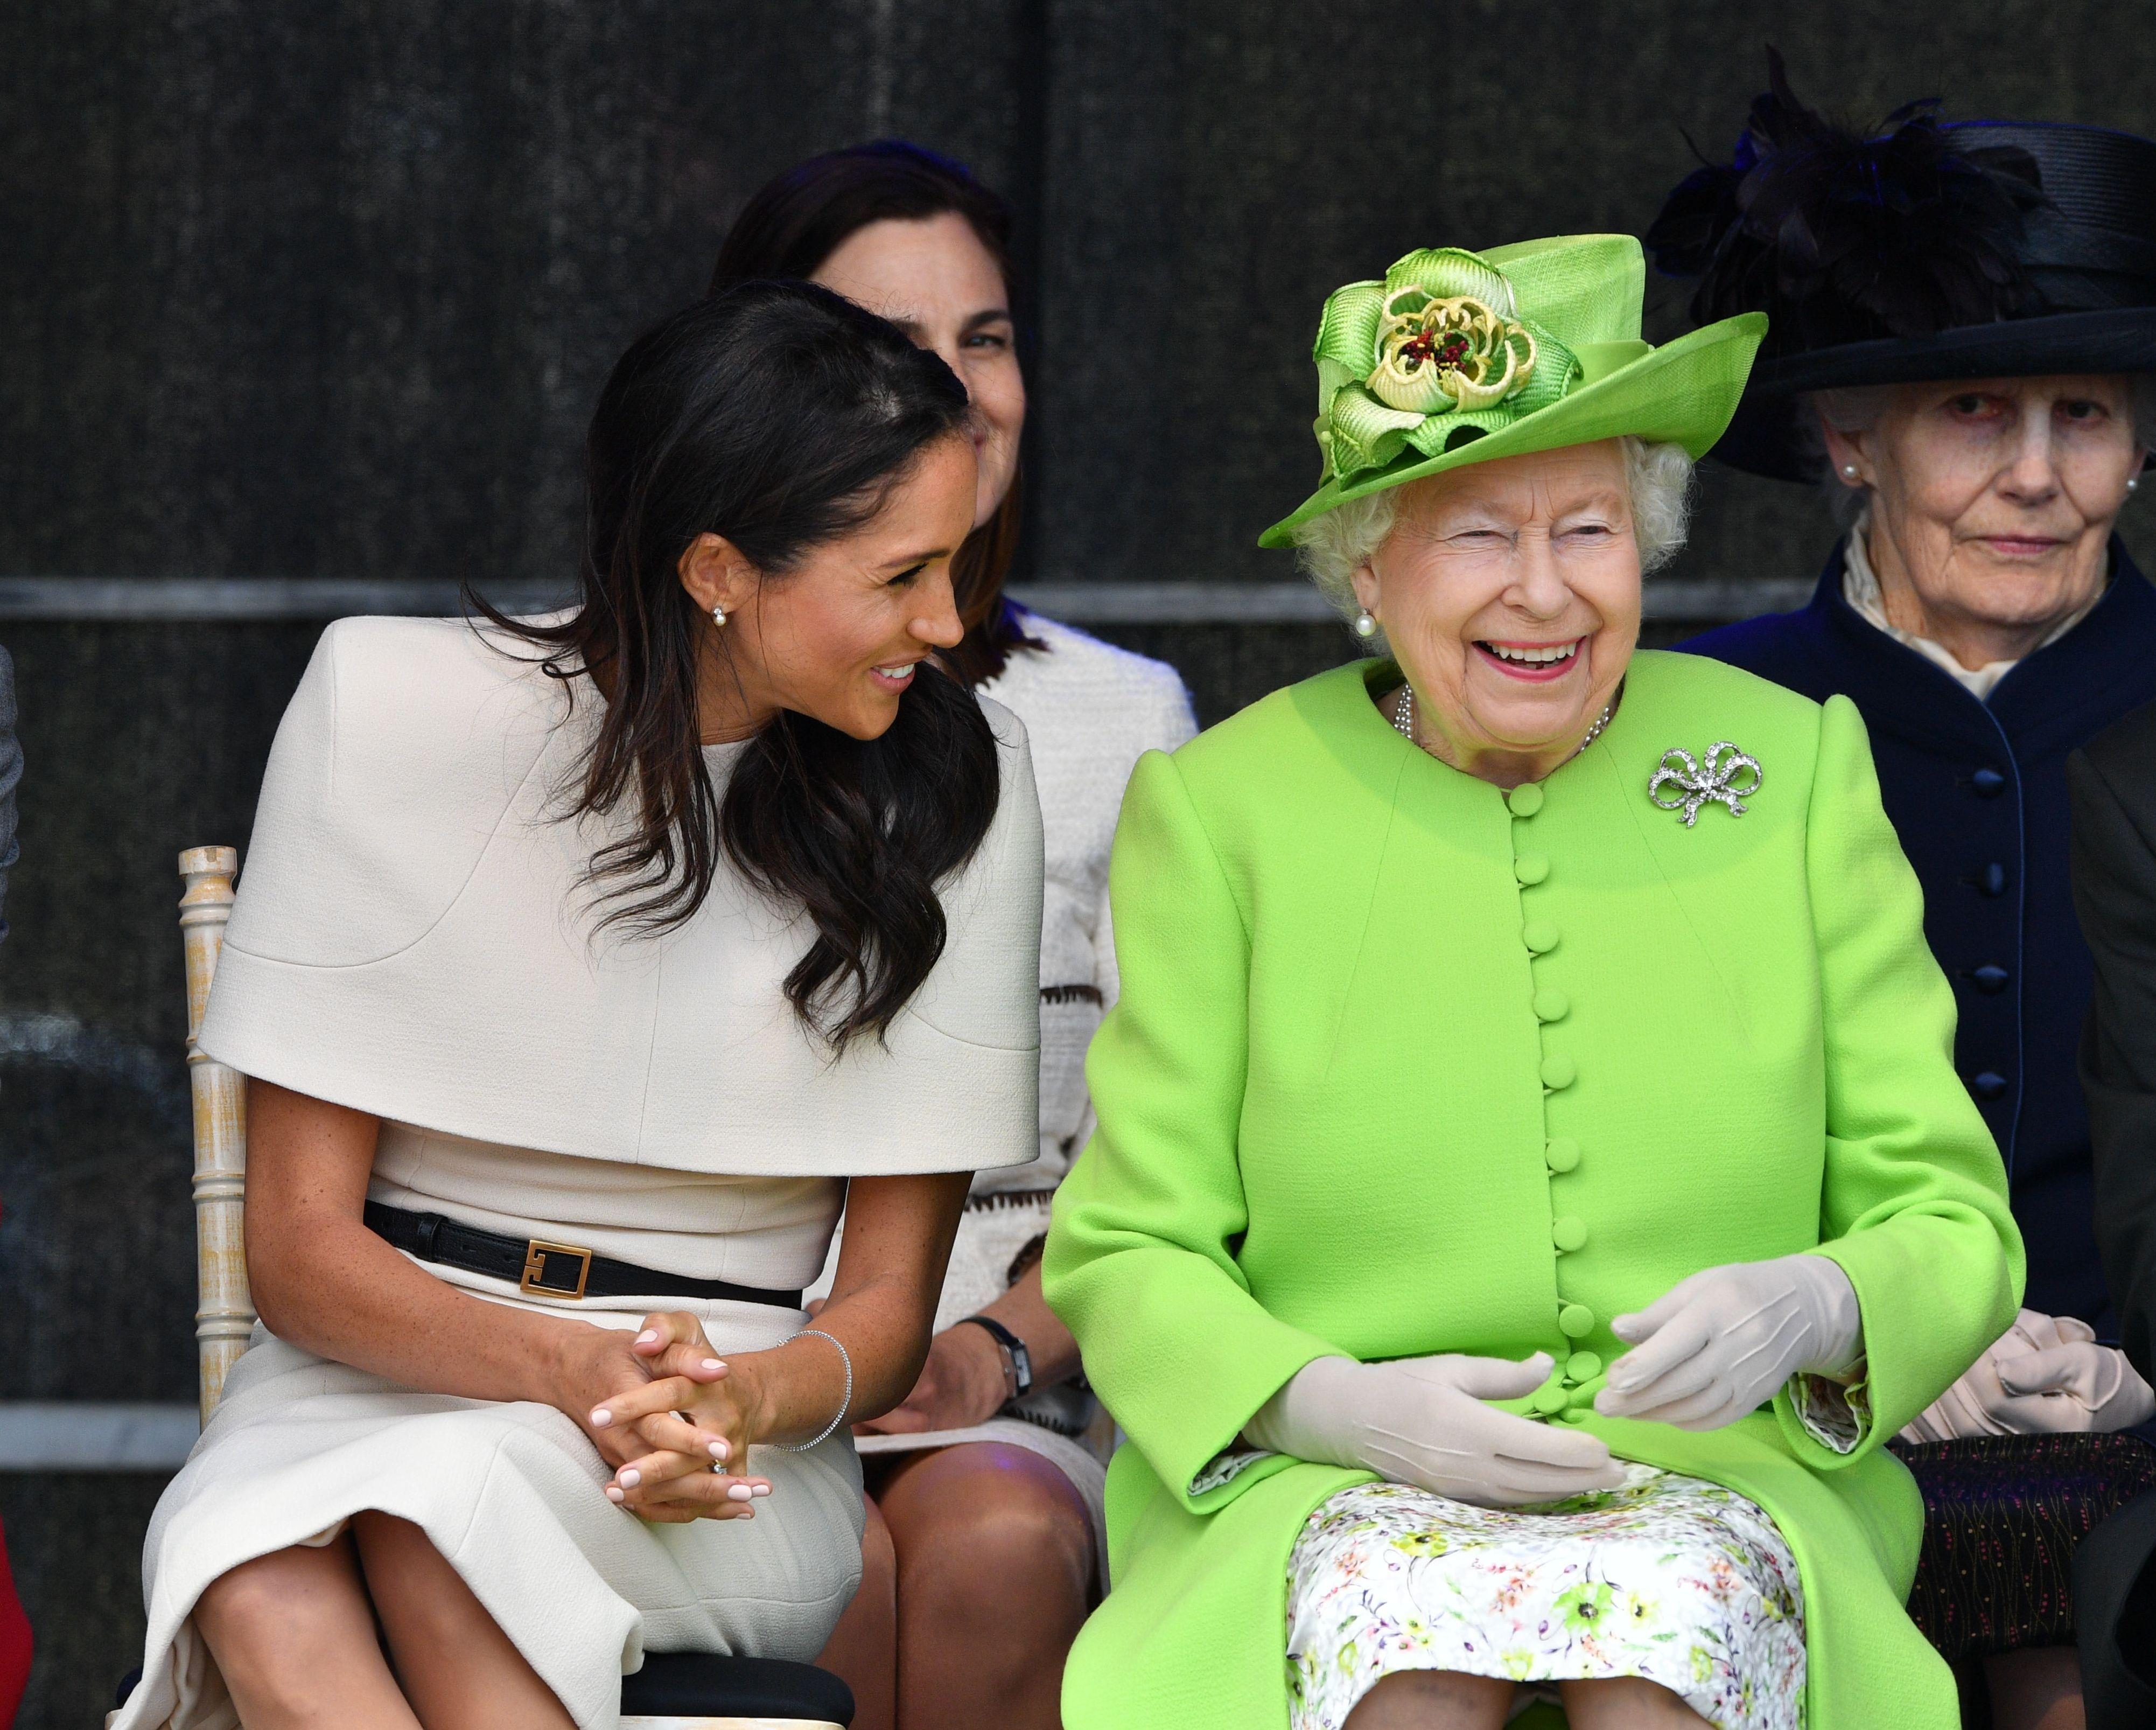 Queen Elizabeth II, Meghan Duchess of Sussex open the new Mersey Gateway Bridge